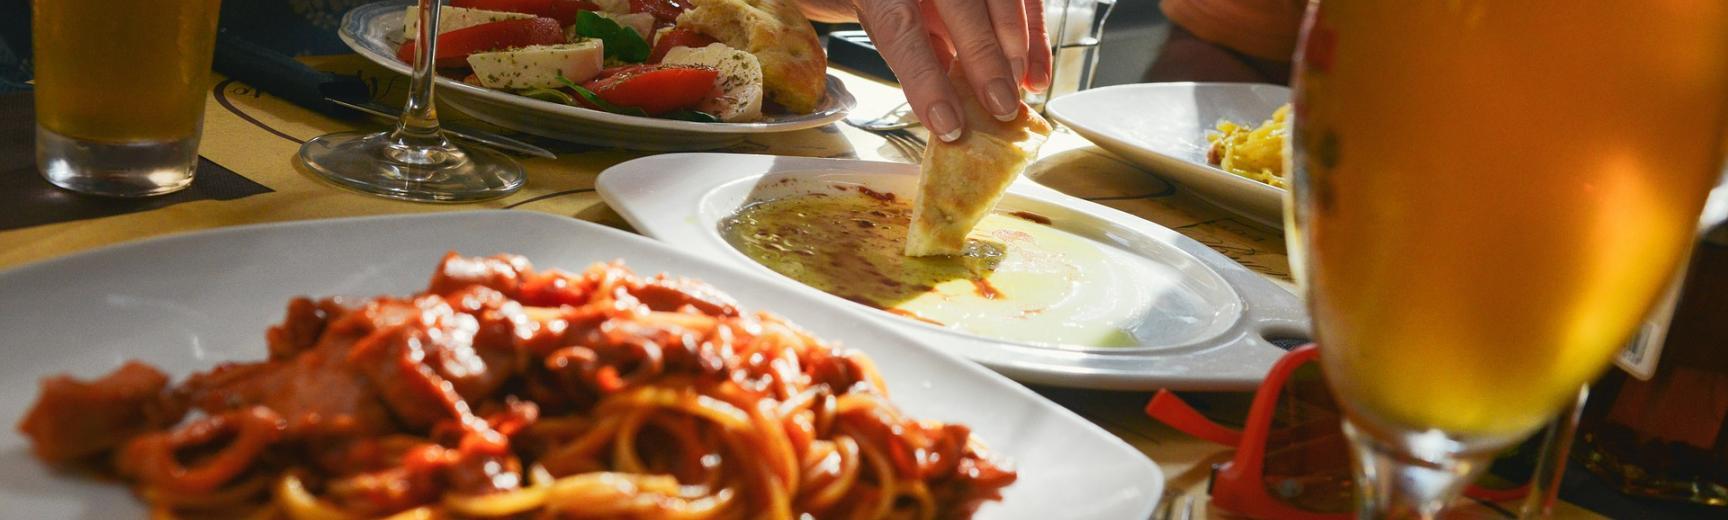 dinner 601576